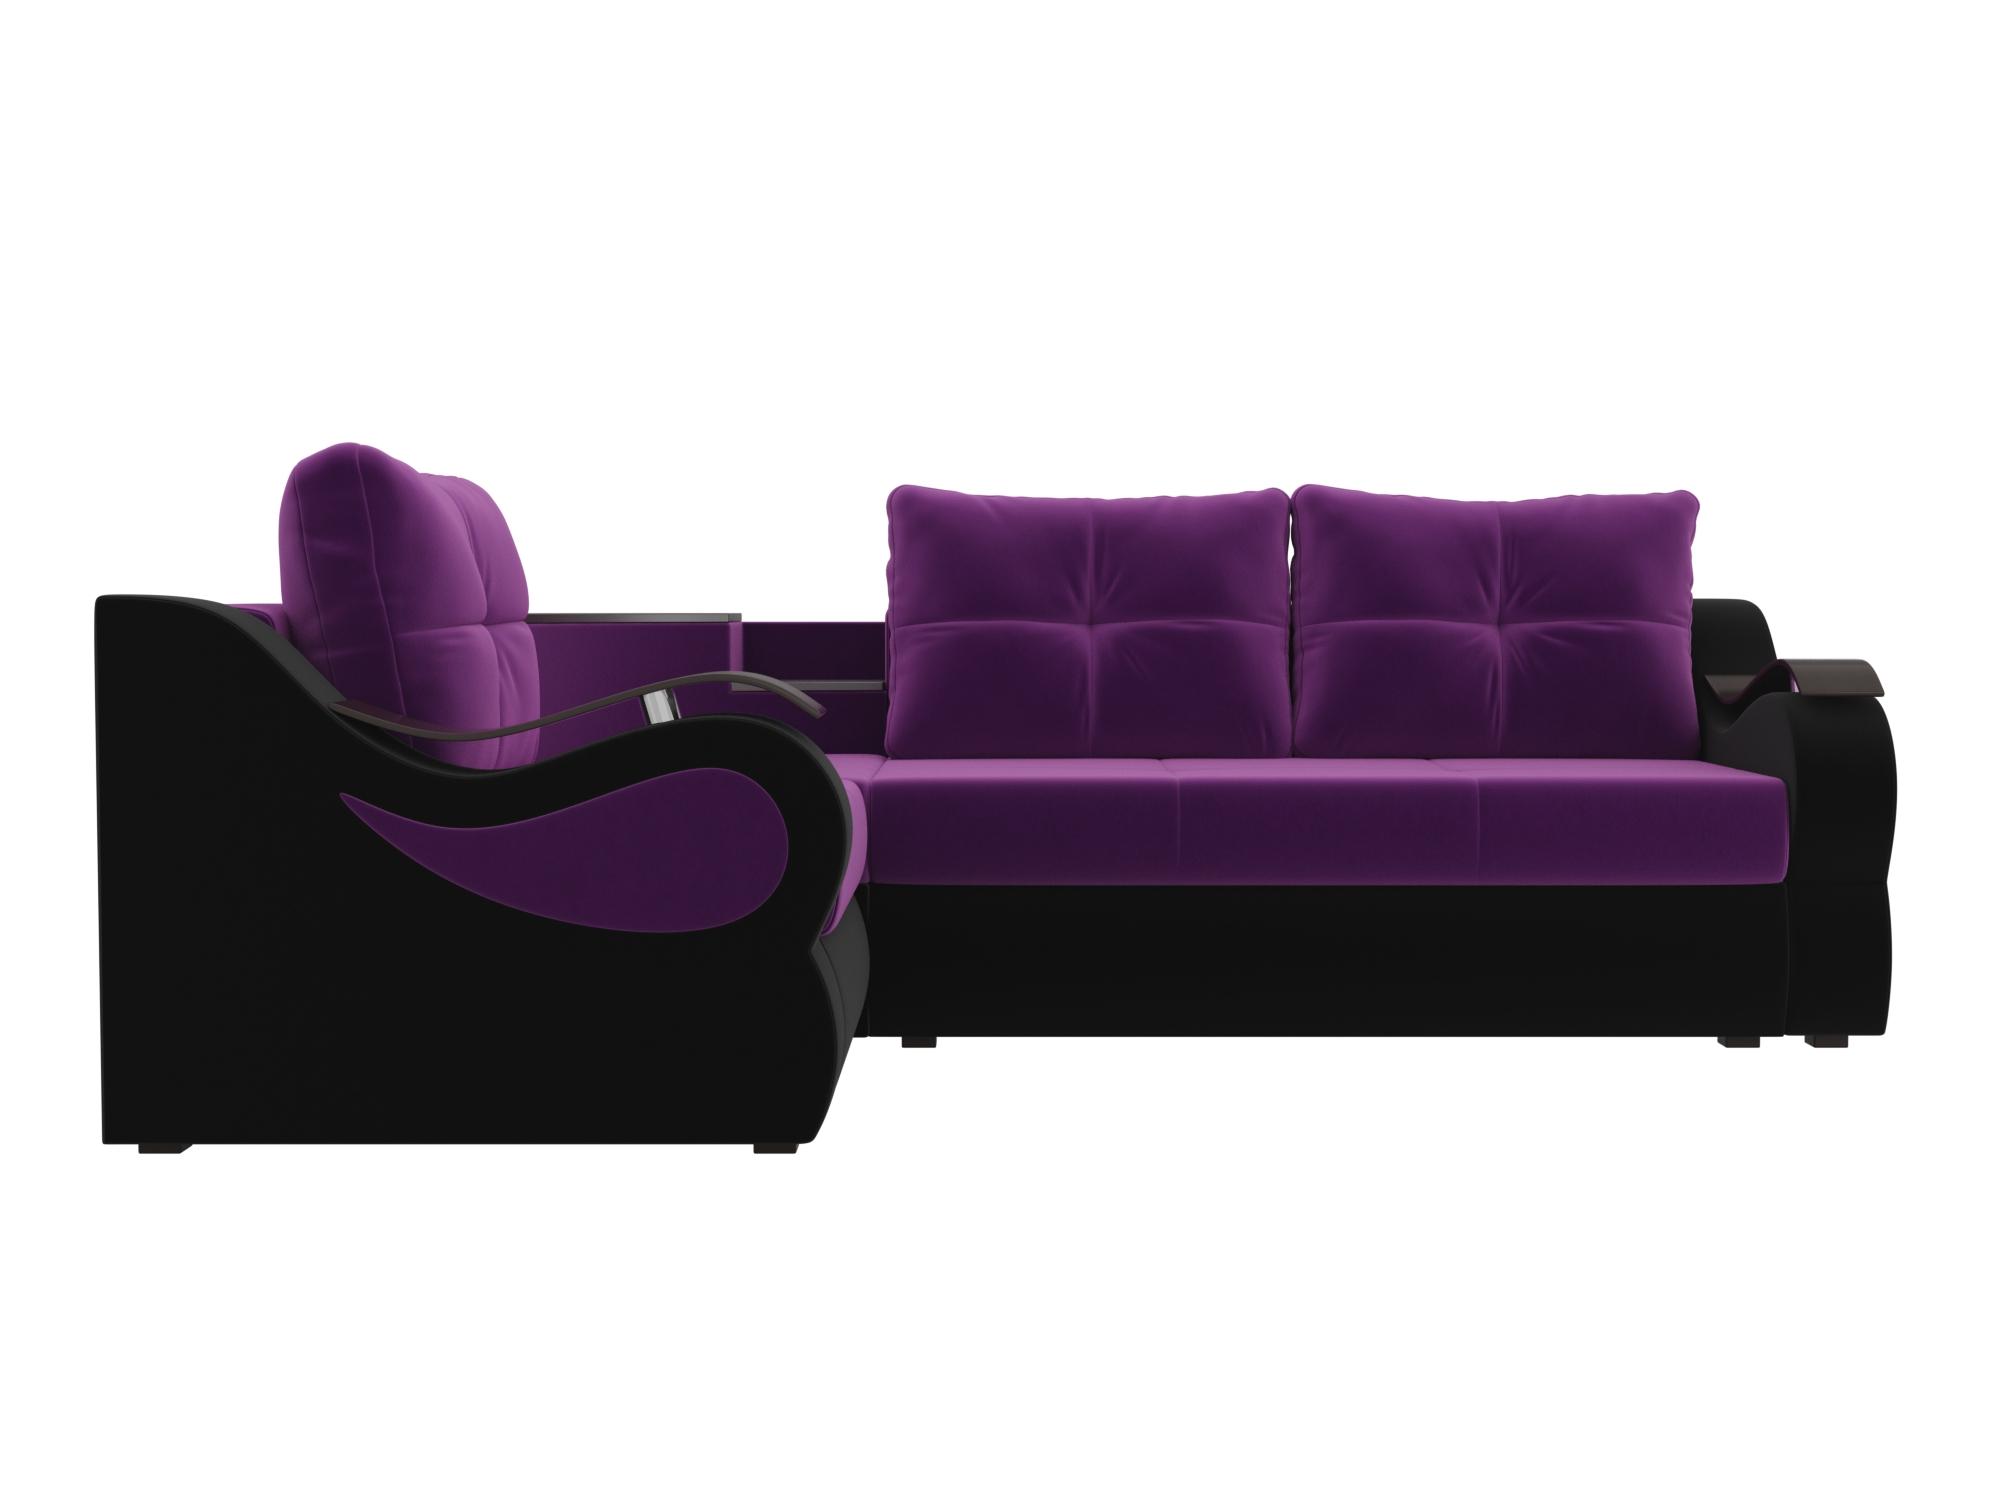 Угловой диван Митчелл Левый MebelVia Фиолетовый, Черный Фиолетовый, Черный